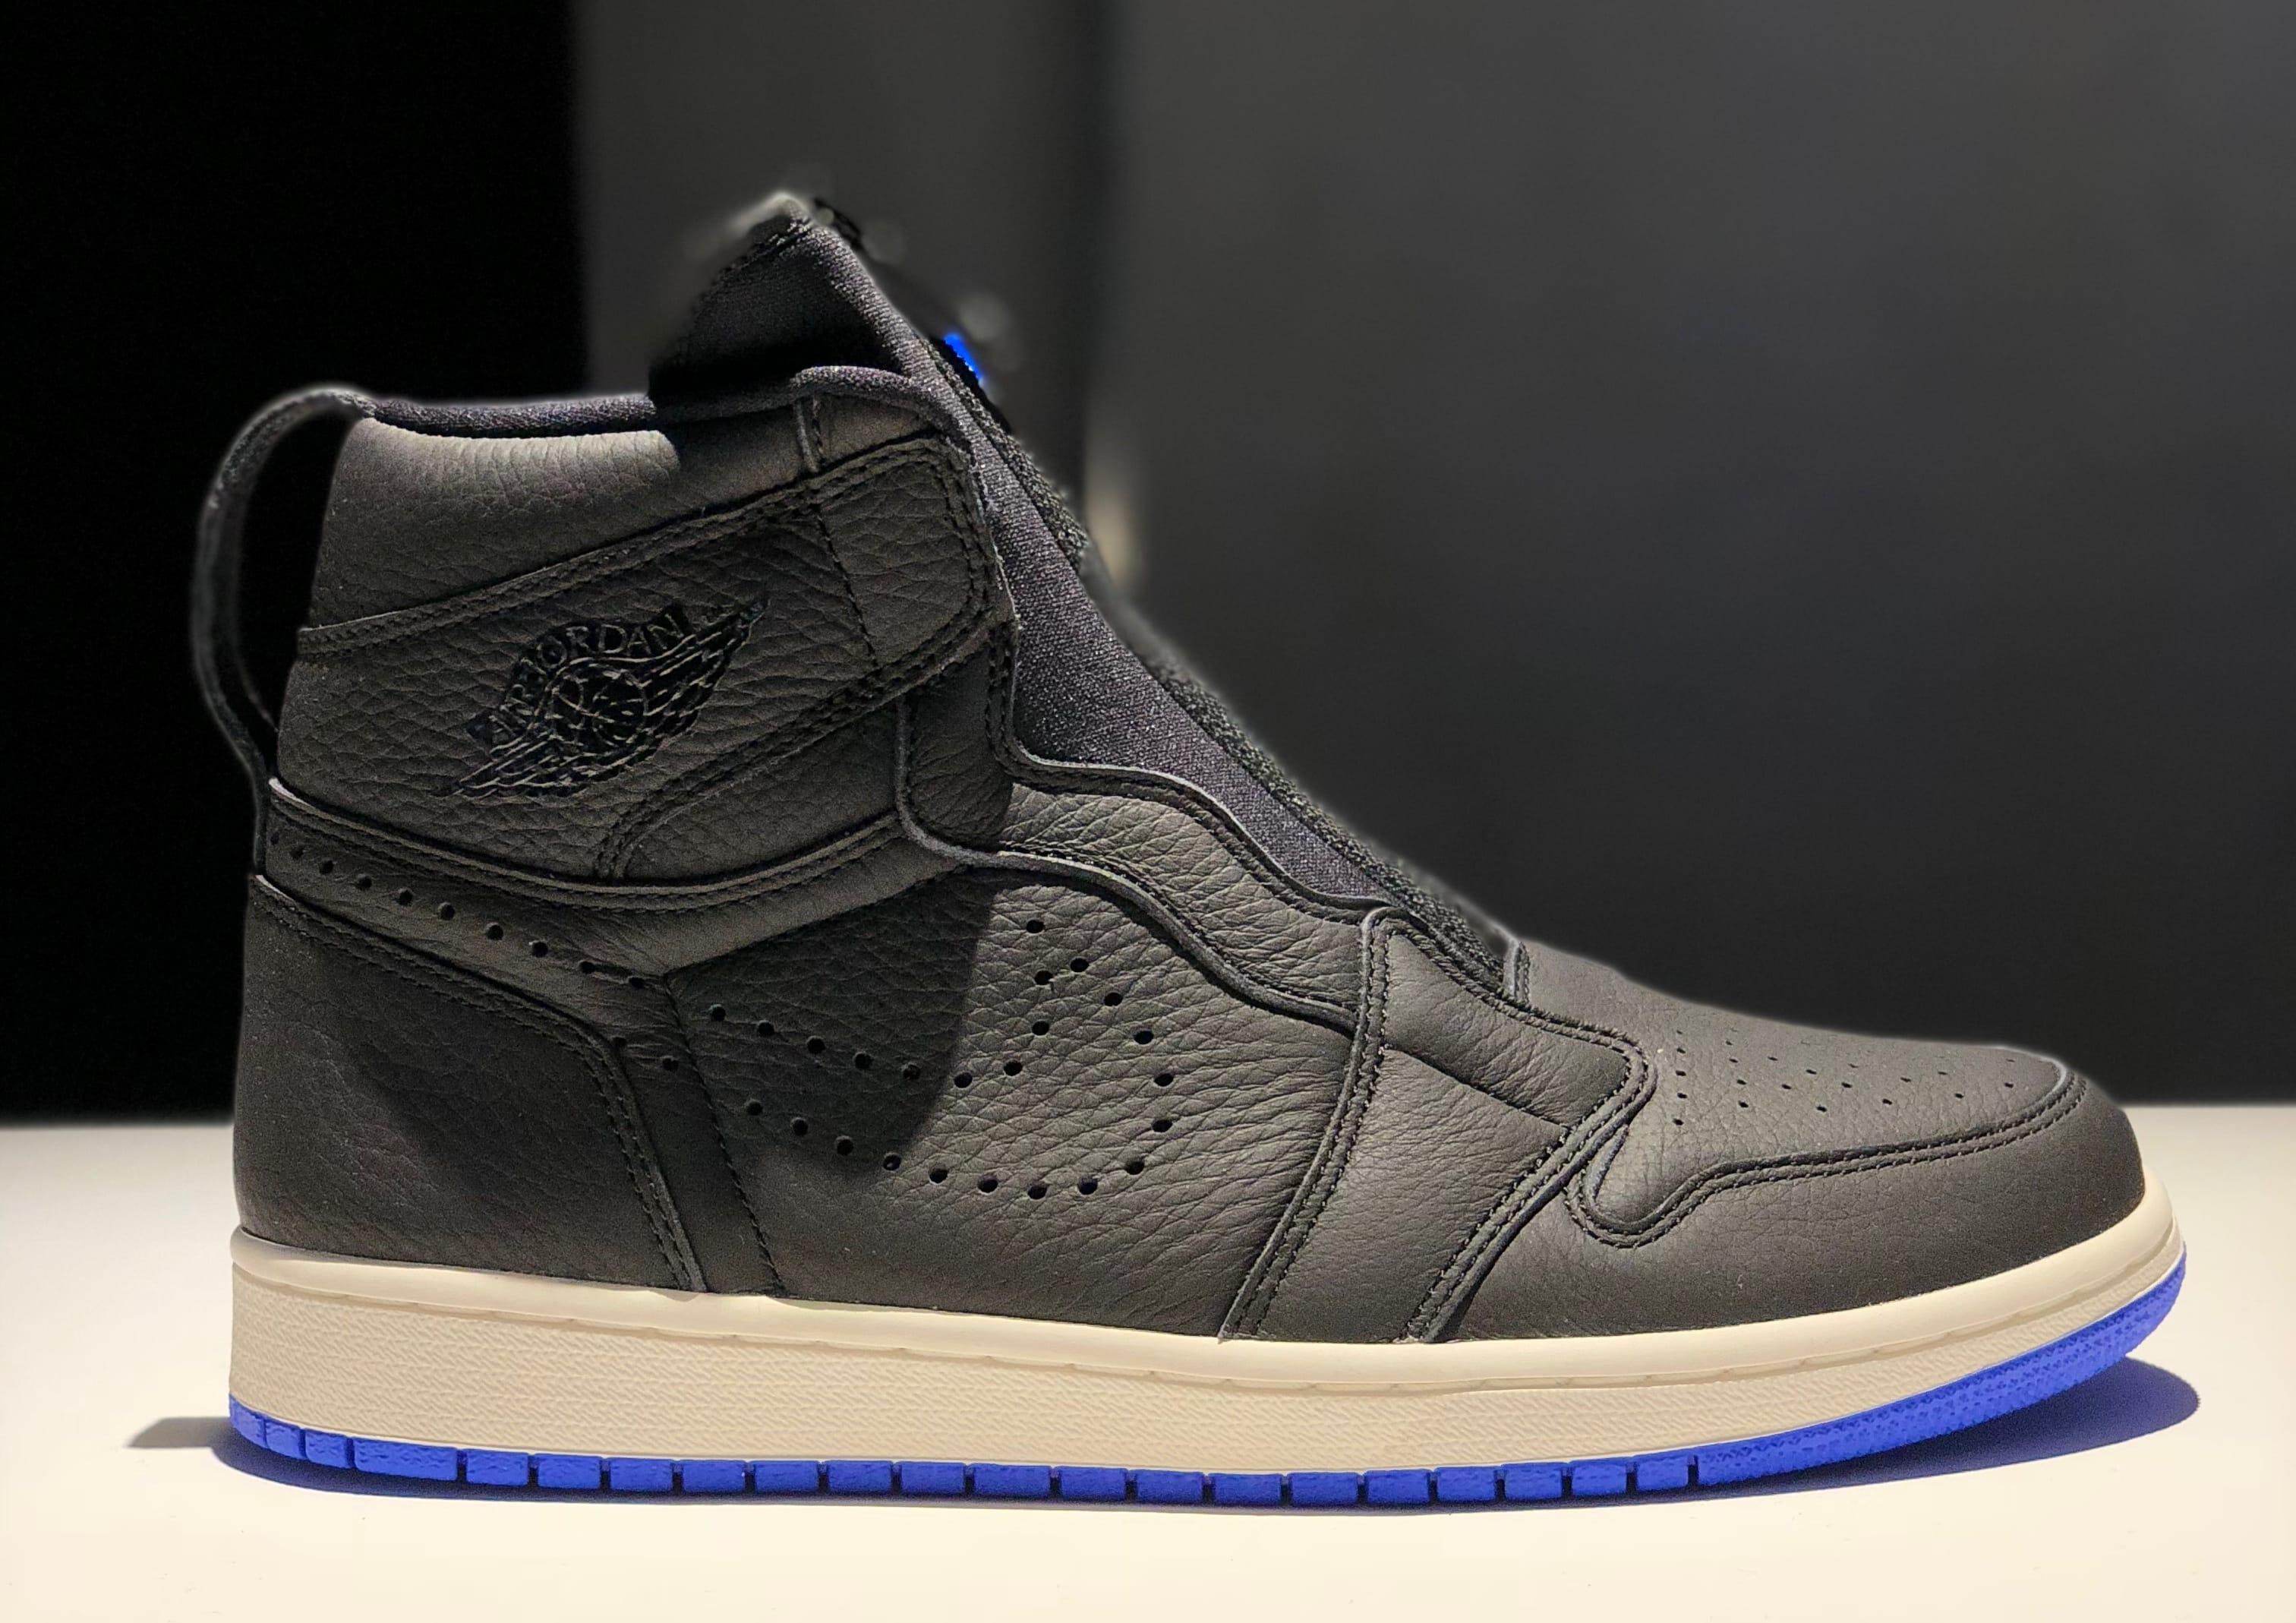 Air Jordan 1 High Zip Men's Black/Royal